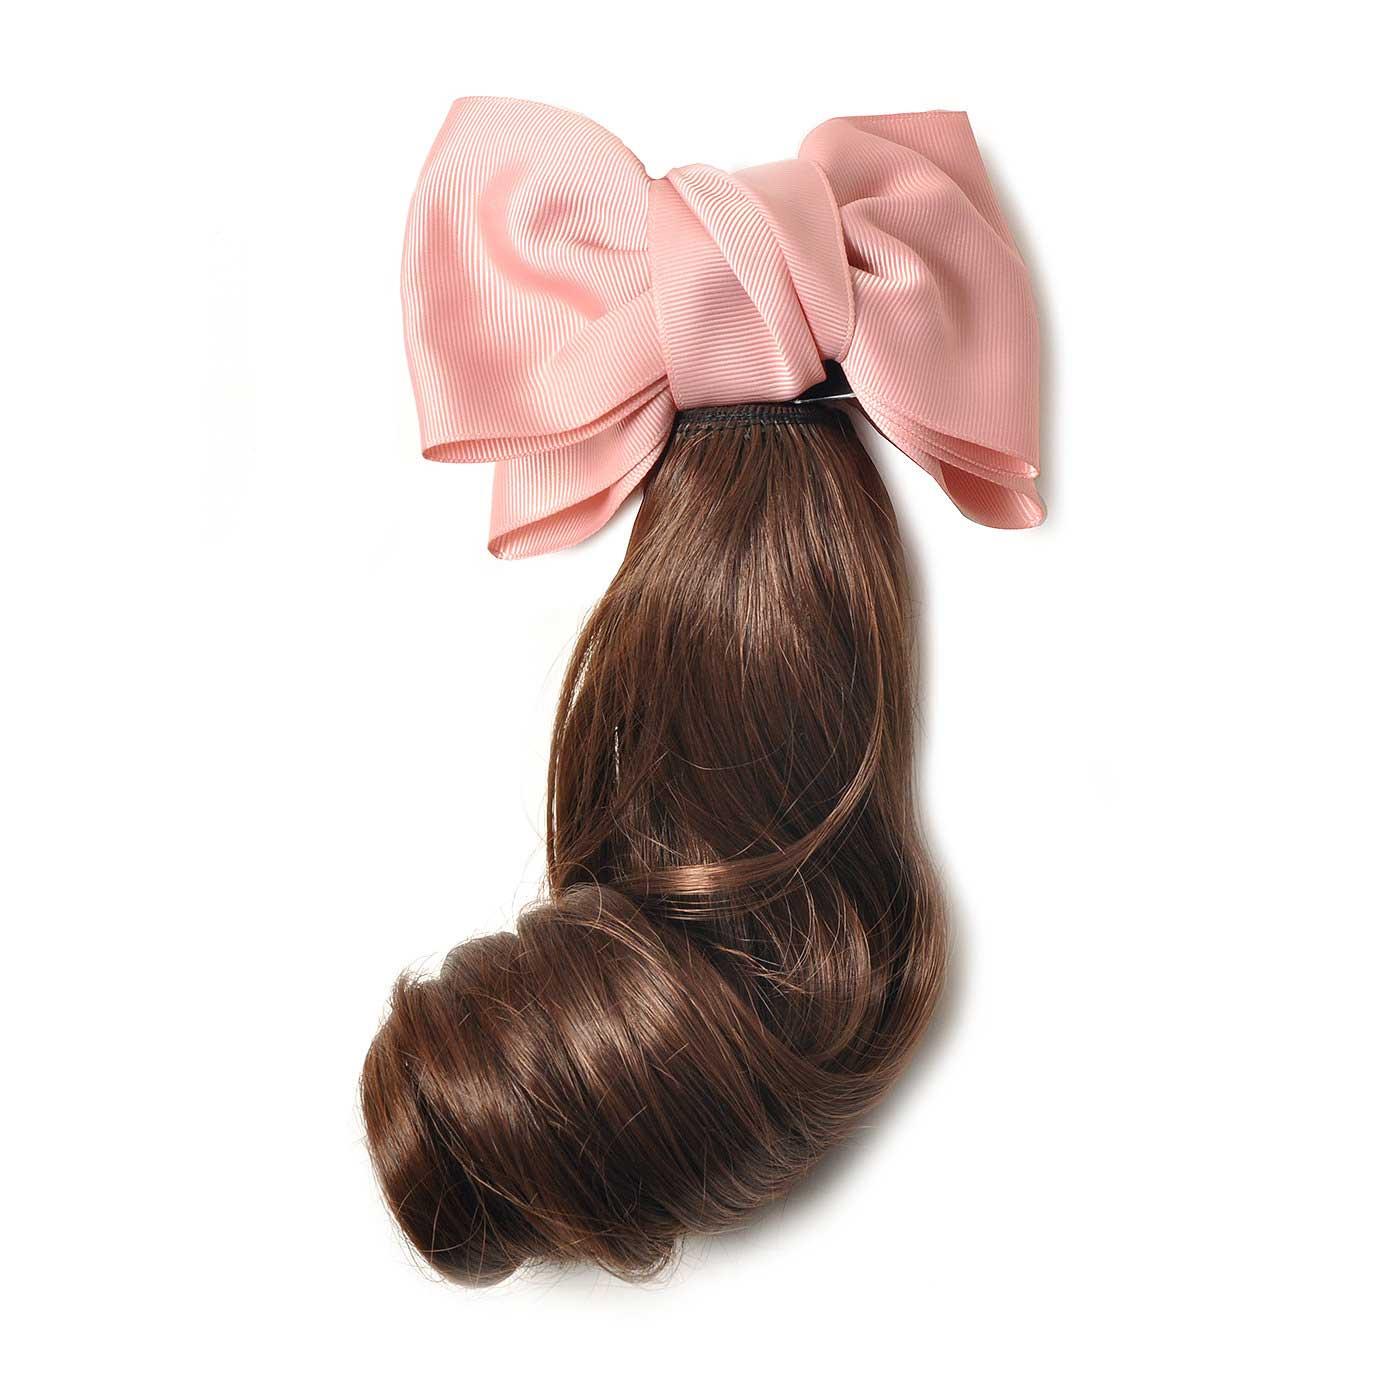 どんな髪色にも似合う自然なブラウンカラー! ミディアムタイプはふだん使いにぴったり